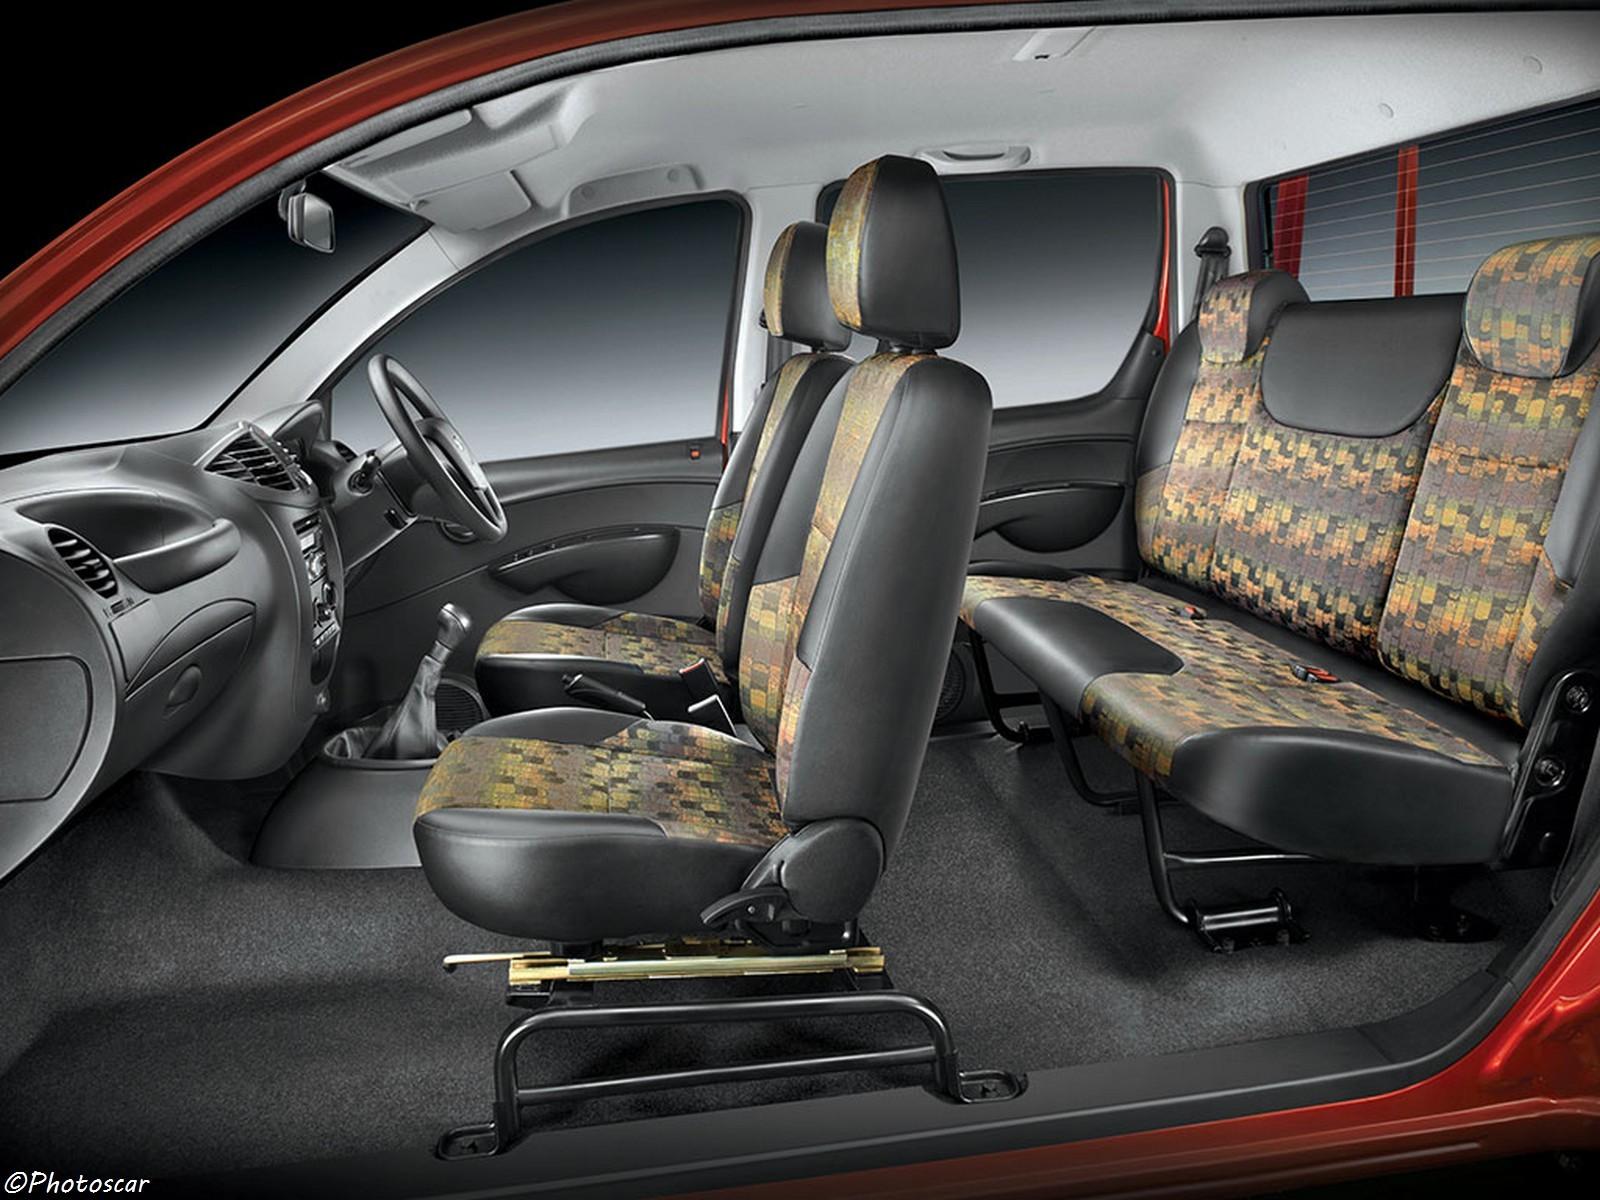 Mahindra Imperio Double Cab 2016